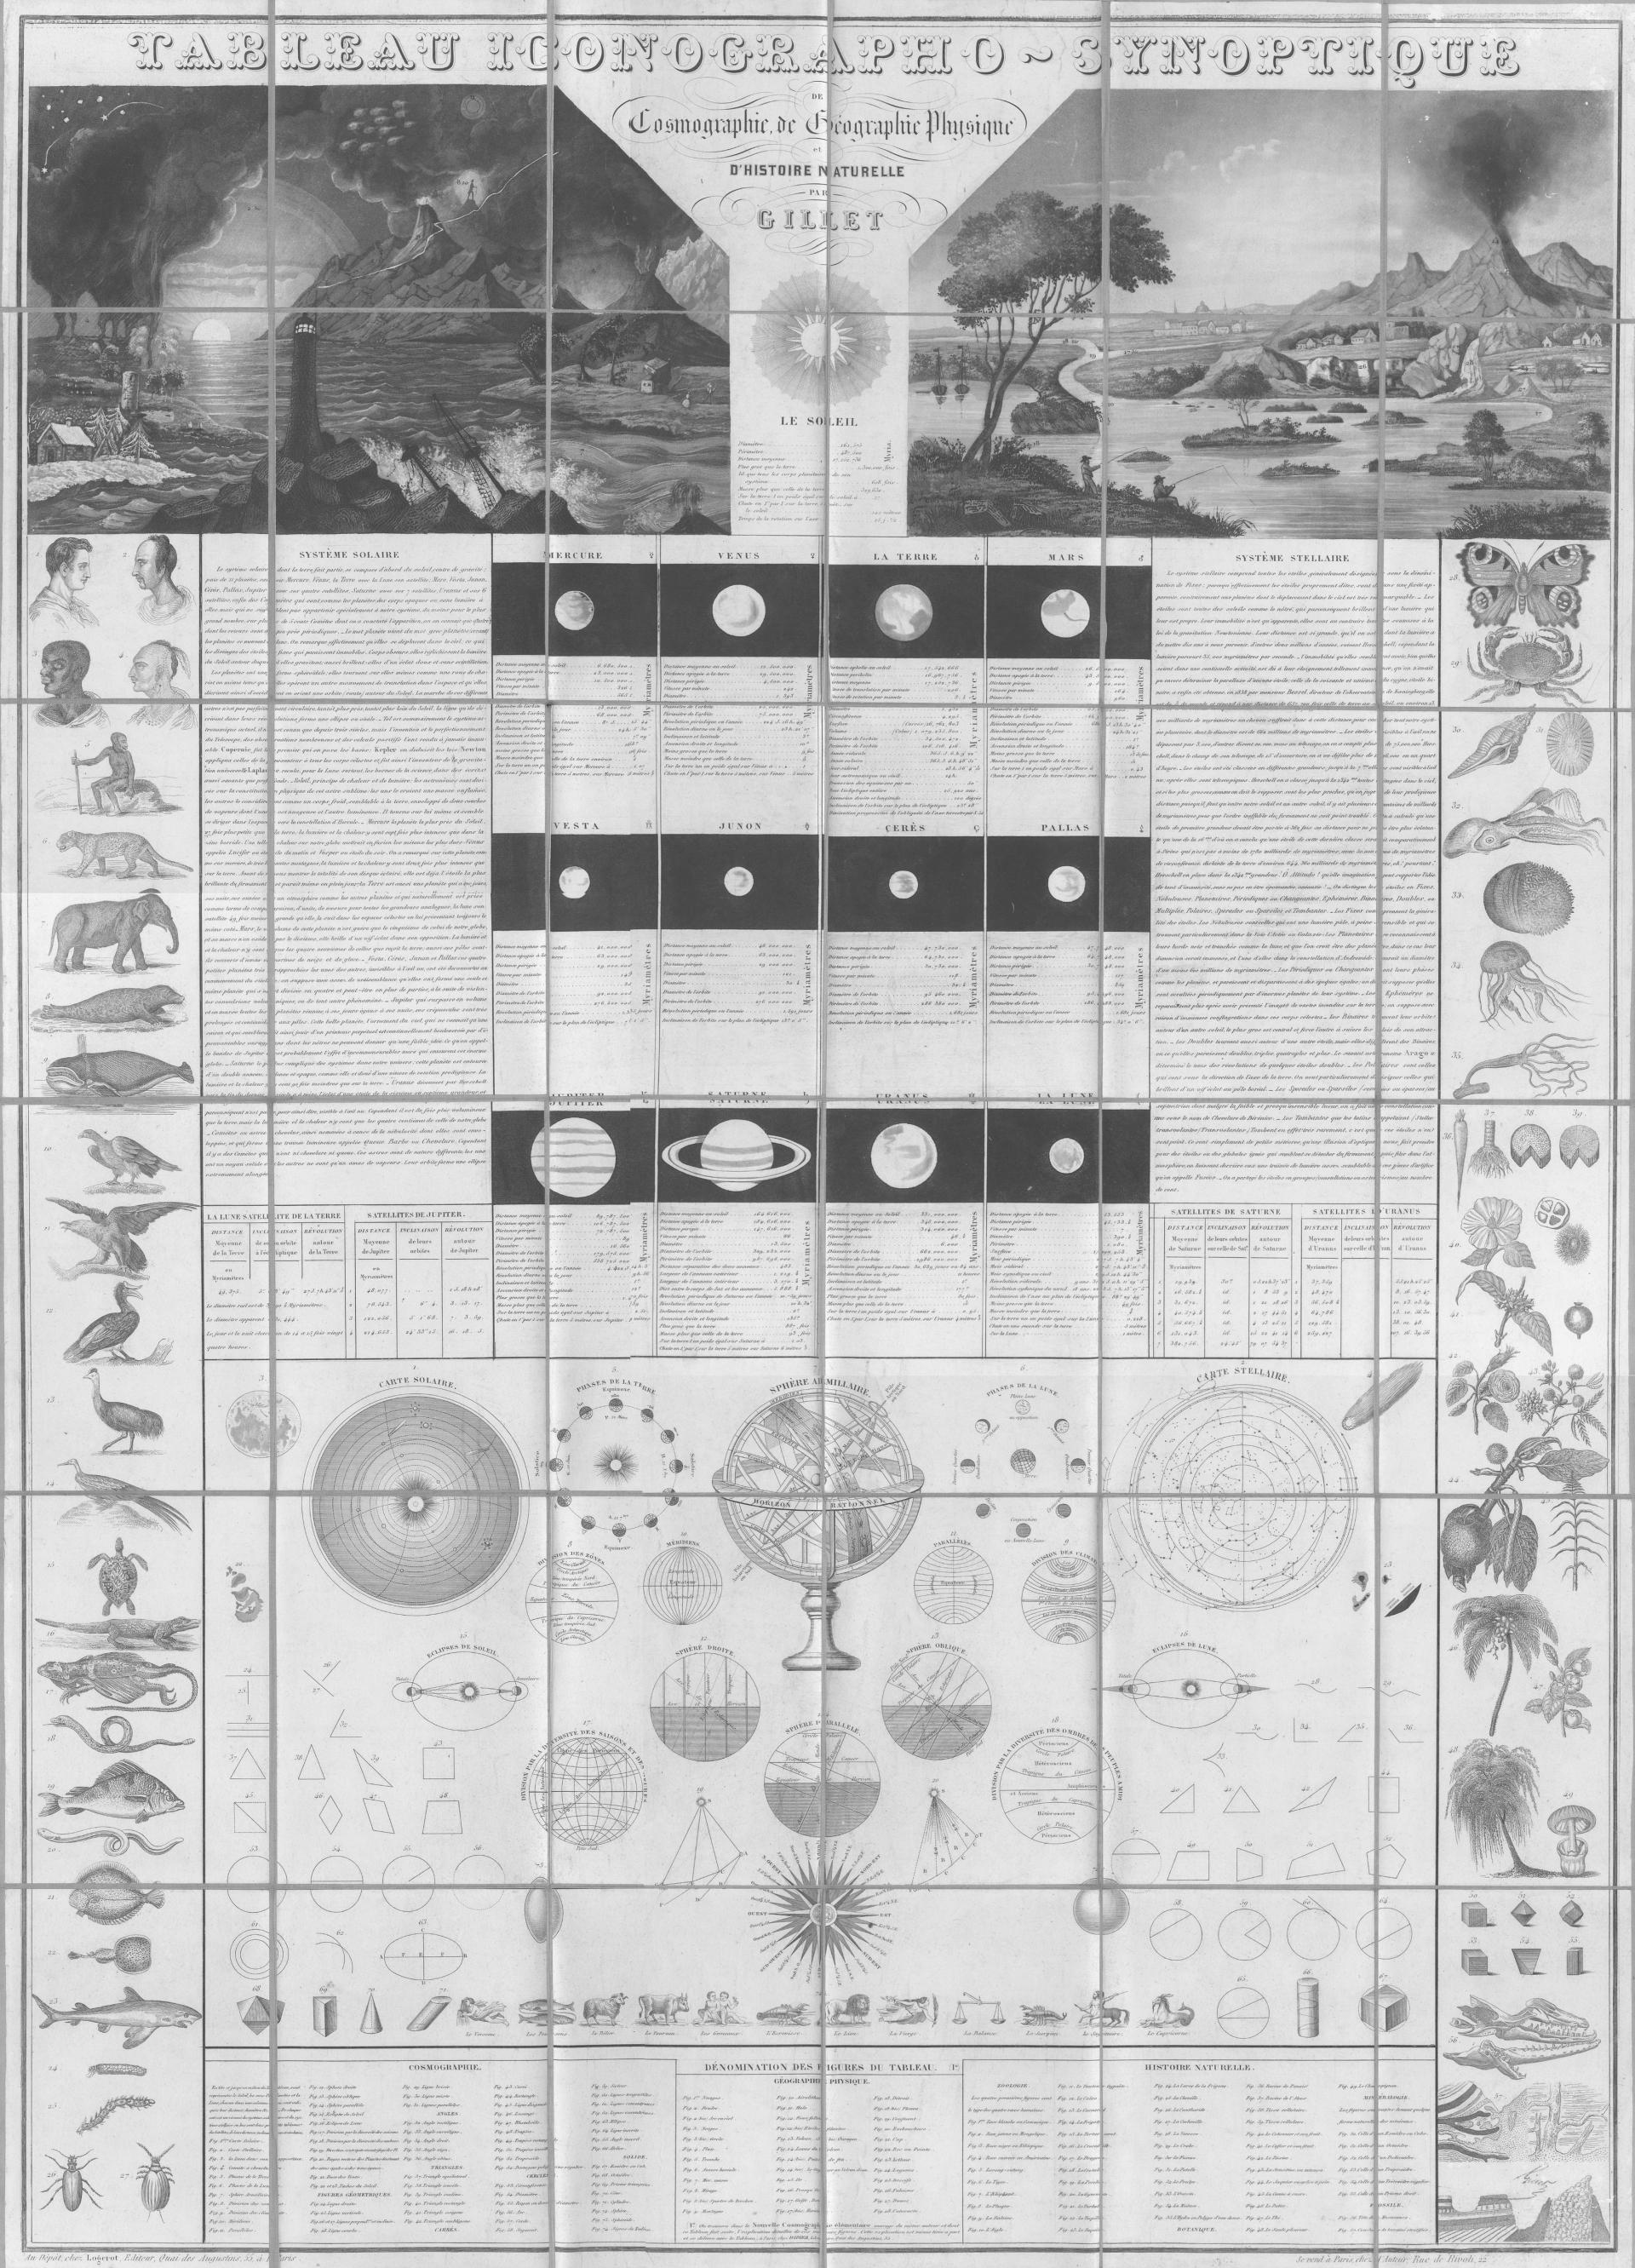 Cosmographie, Géographie Physique Et Histoire Naturelle